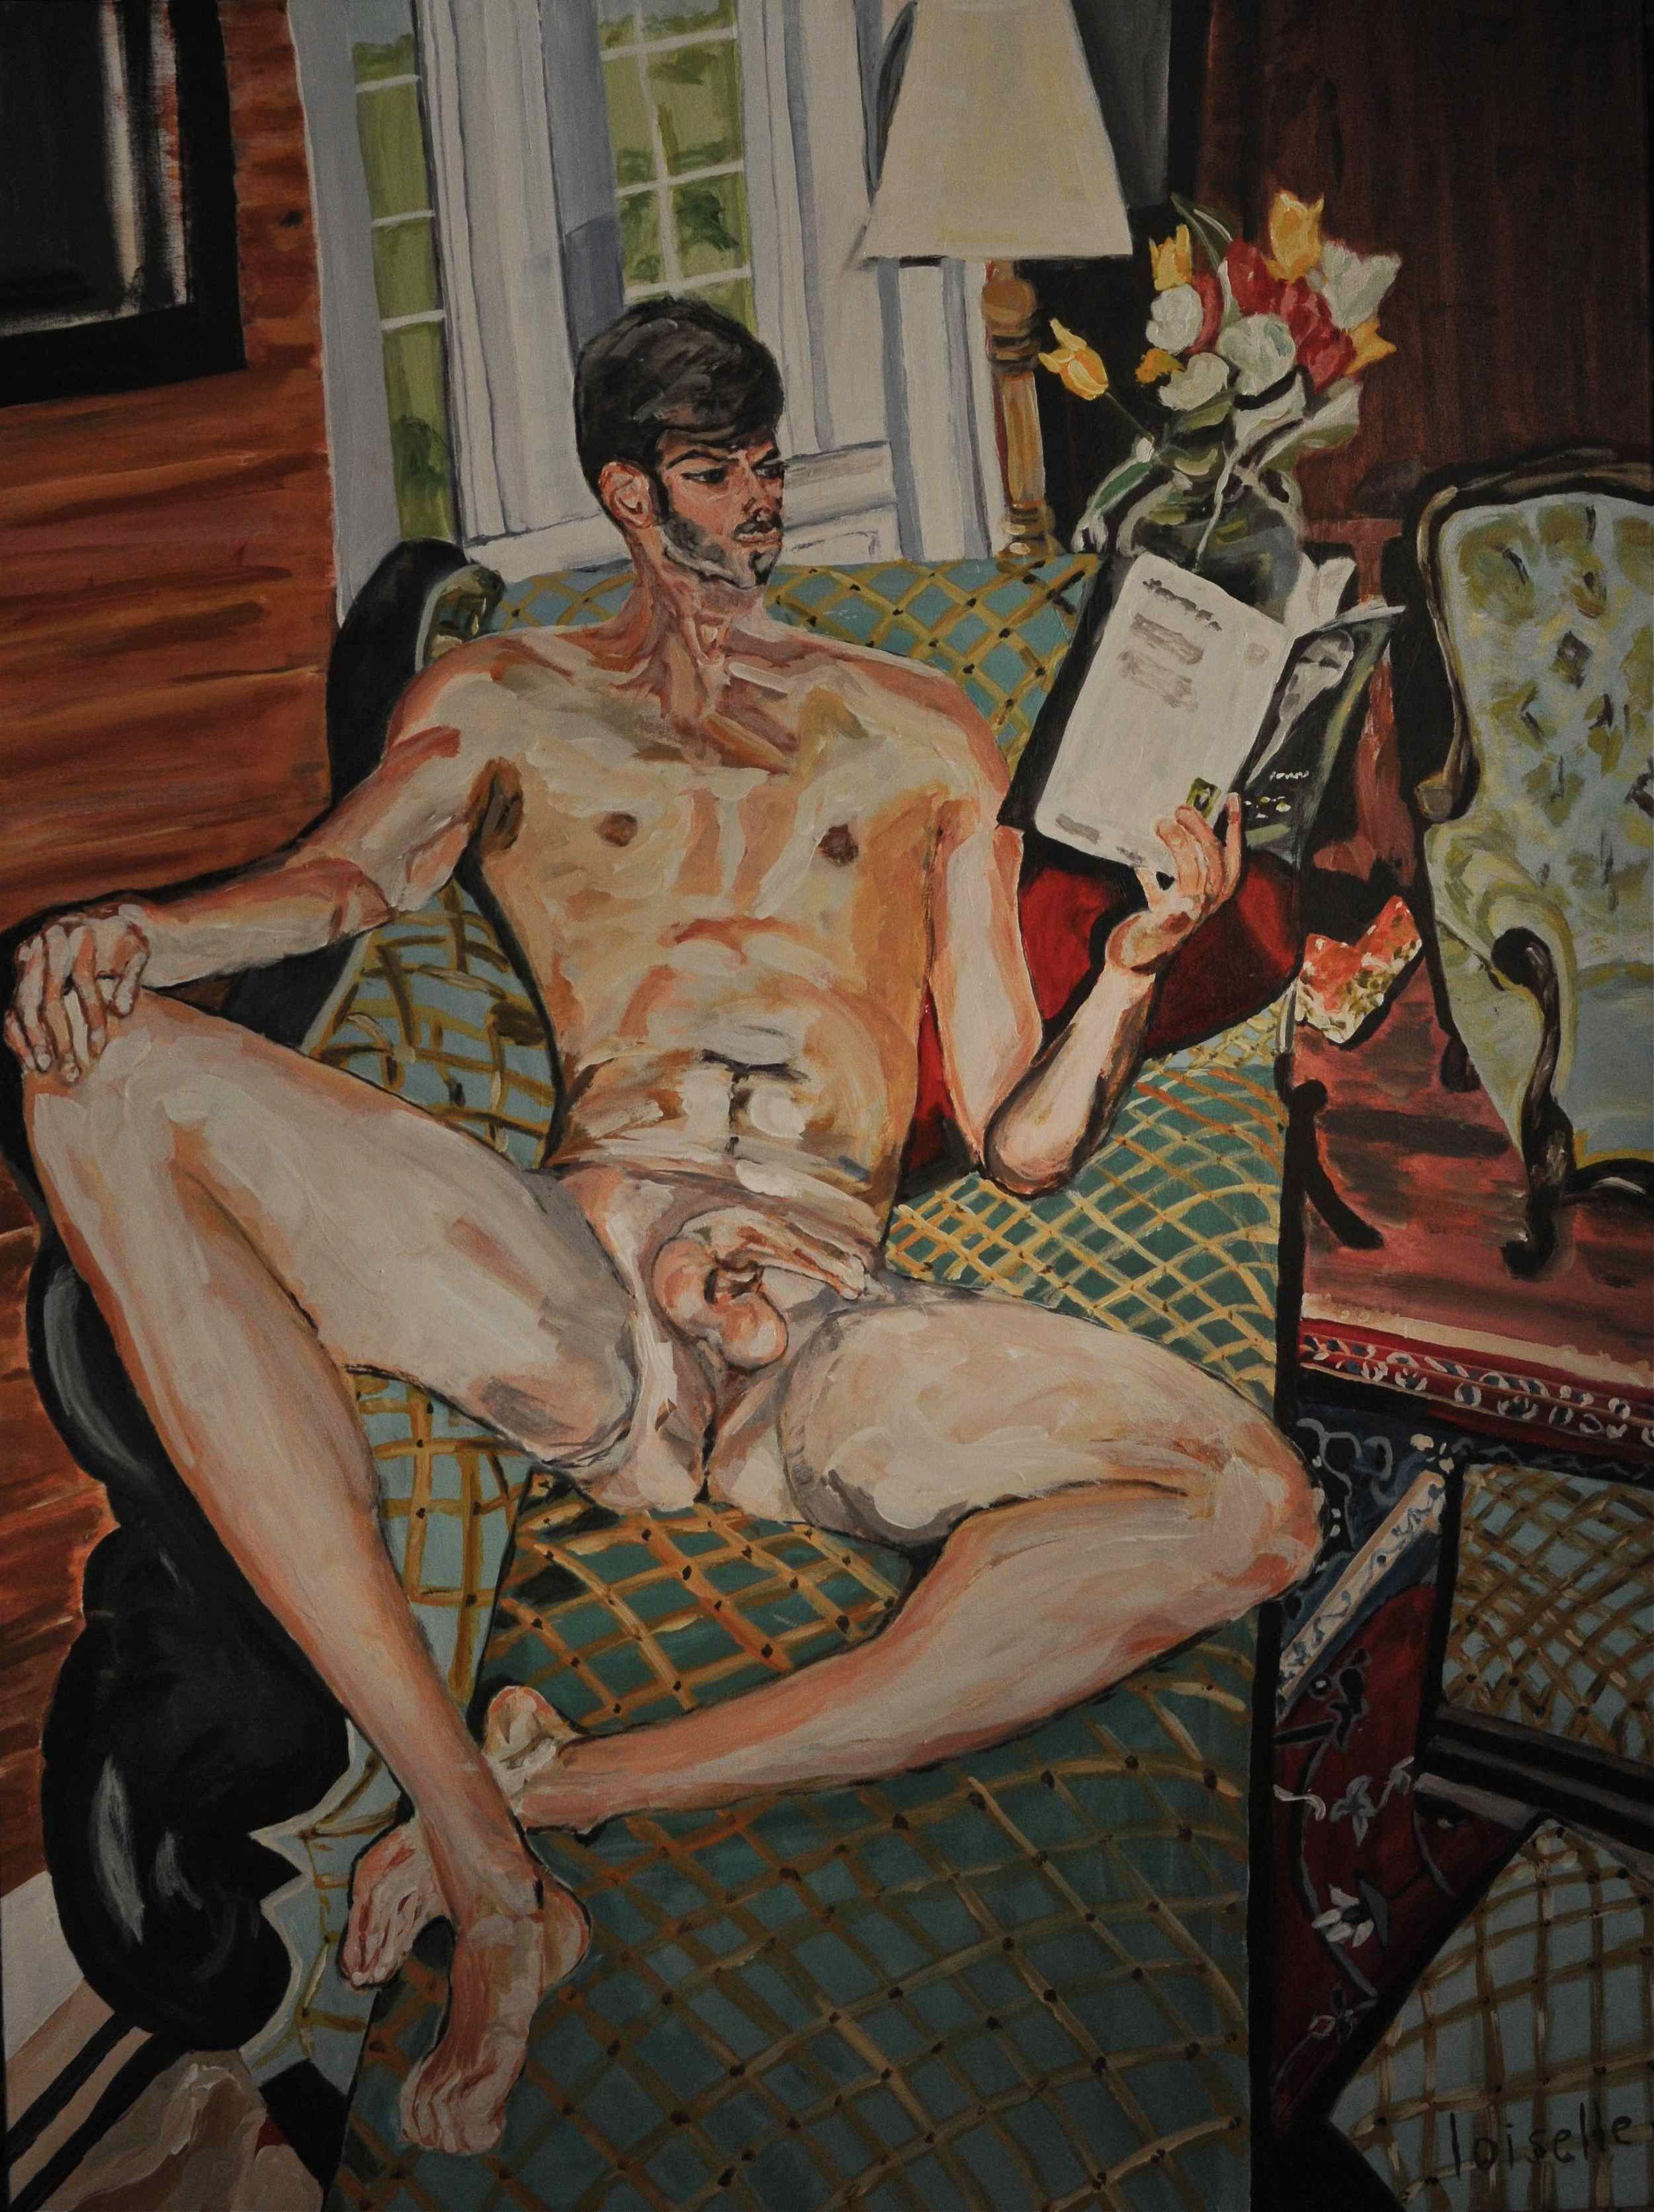 Nu au livre   Acrylique sur toile  36 po x 48 po